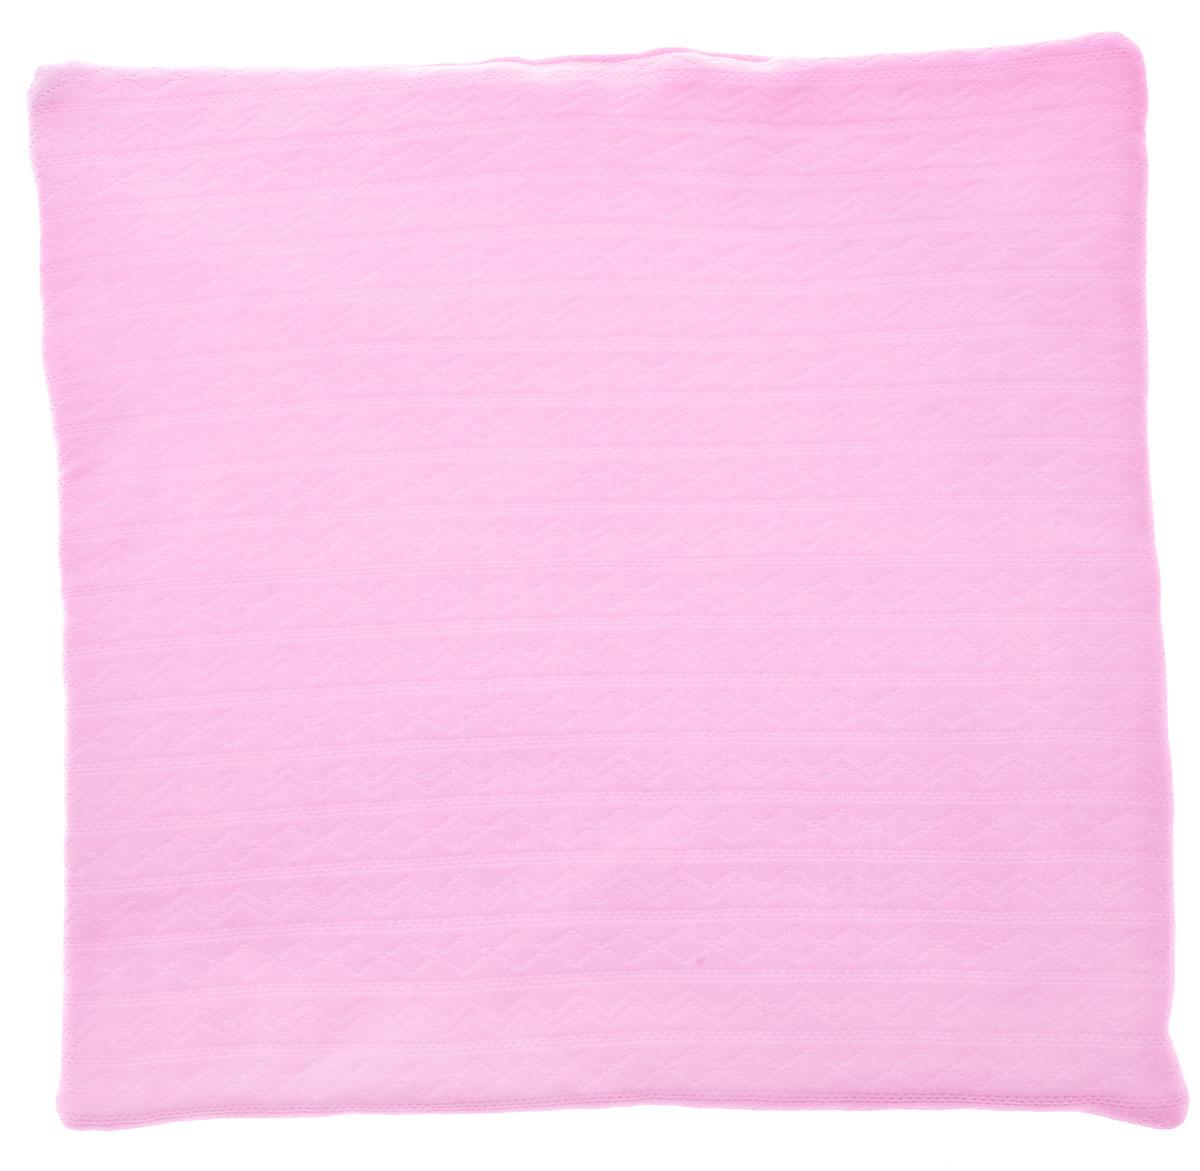 Ням-Ням Подушка детская цвет розовый 35 см х 35 см1019.5Подушка детская Ням-Ням изготовлена из 100% хлопка и создана для комфортного сна вашего малыша. Гипоаллергенные ткани - это залог спокойствия, здорового сна малыша и его безопасности. Наполнитель позволит коже ребенка дышать, создавая естественную вентиляцию. Мягкий и воздушный, он будет правильно поддерживать головку ребенка во время сна. Материал наволочки - жаккард (100% хлопок) - нежный и одновременно износостойкий прослужит вам долгие годы. Размер подушки: 35 см х 35 см.